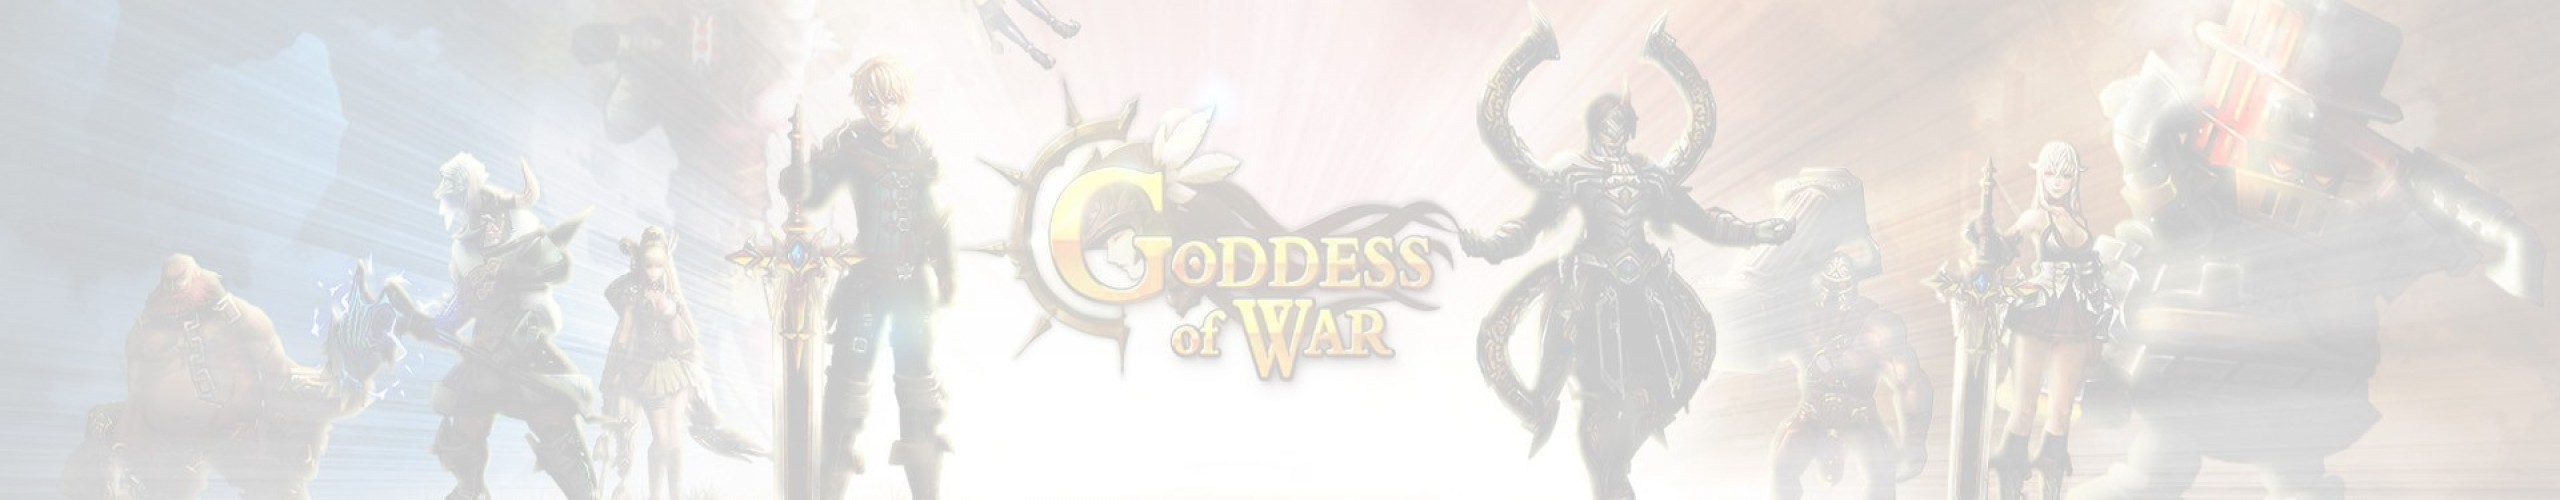 Goddes of War